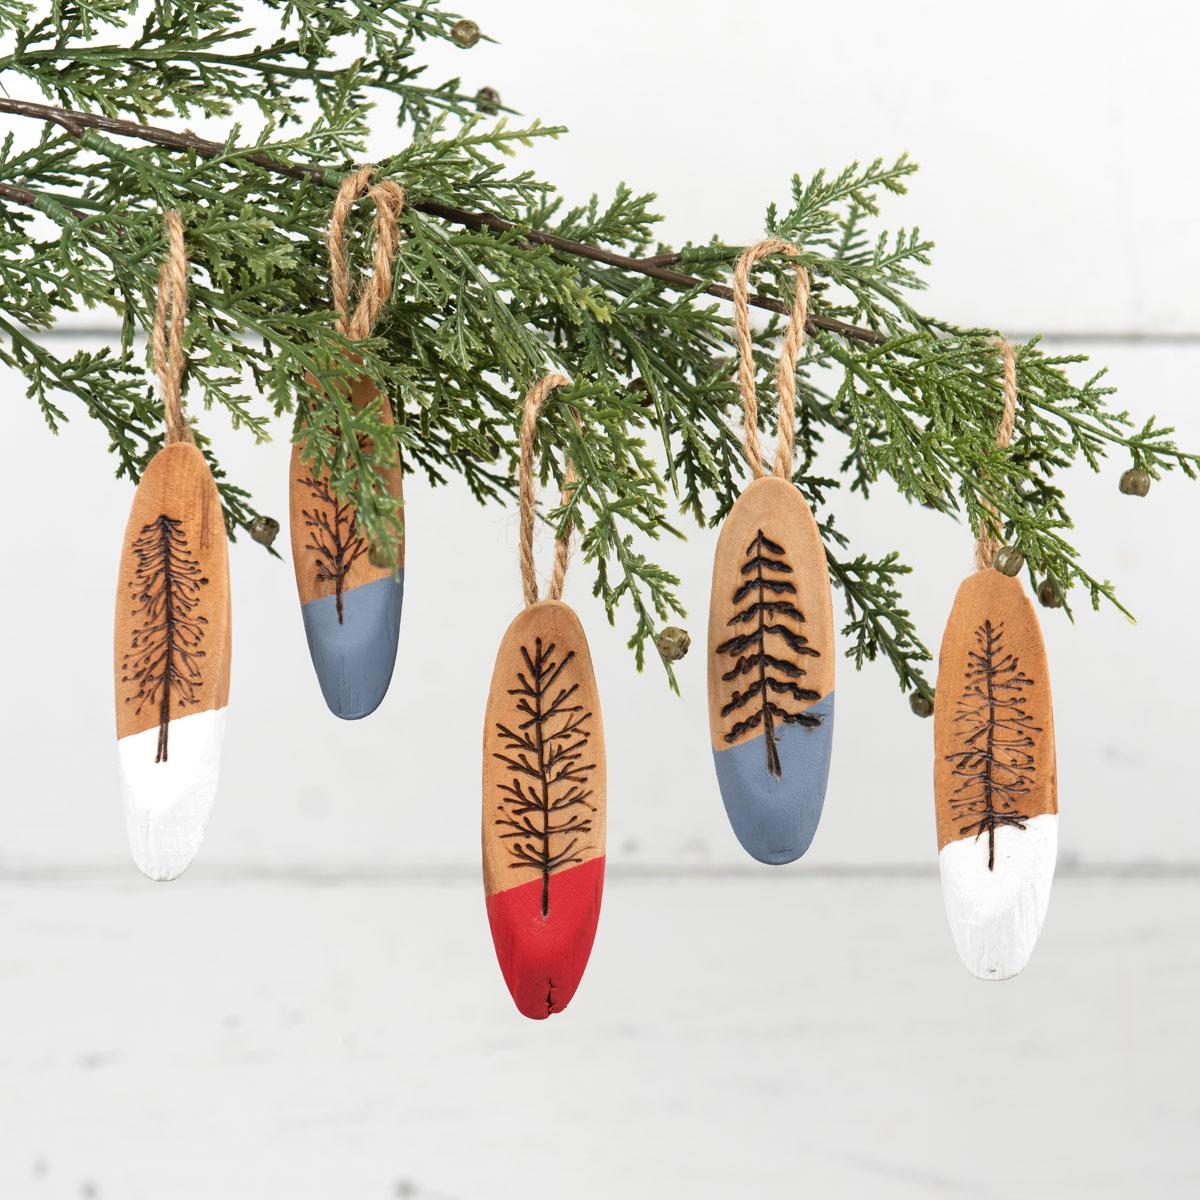 Wood-Burned Driftwood Ornaments